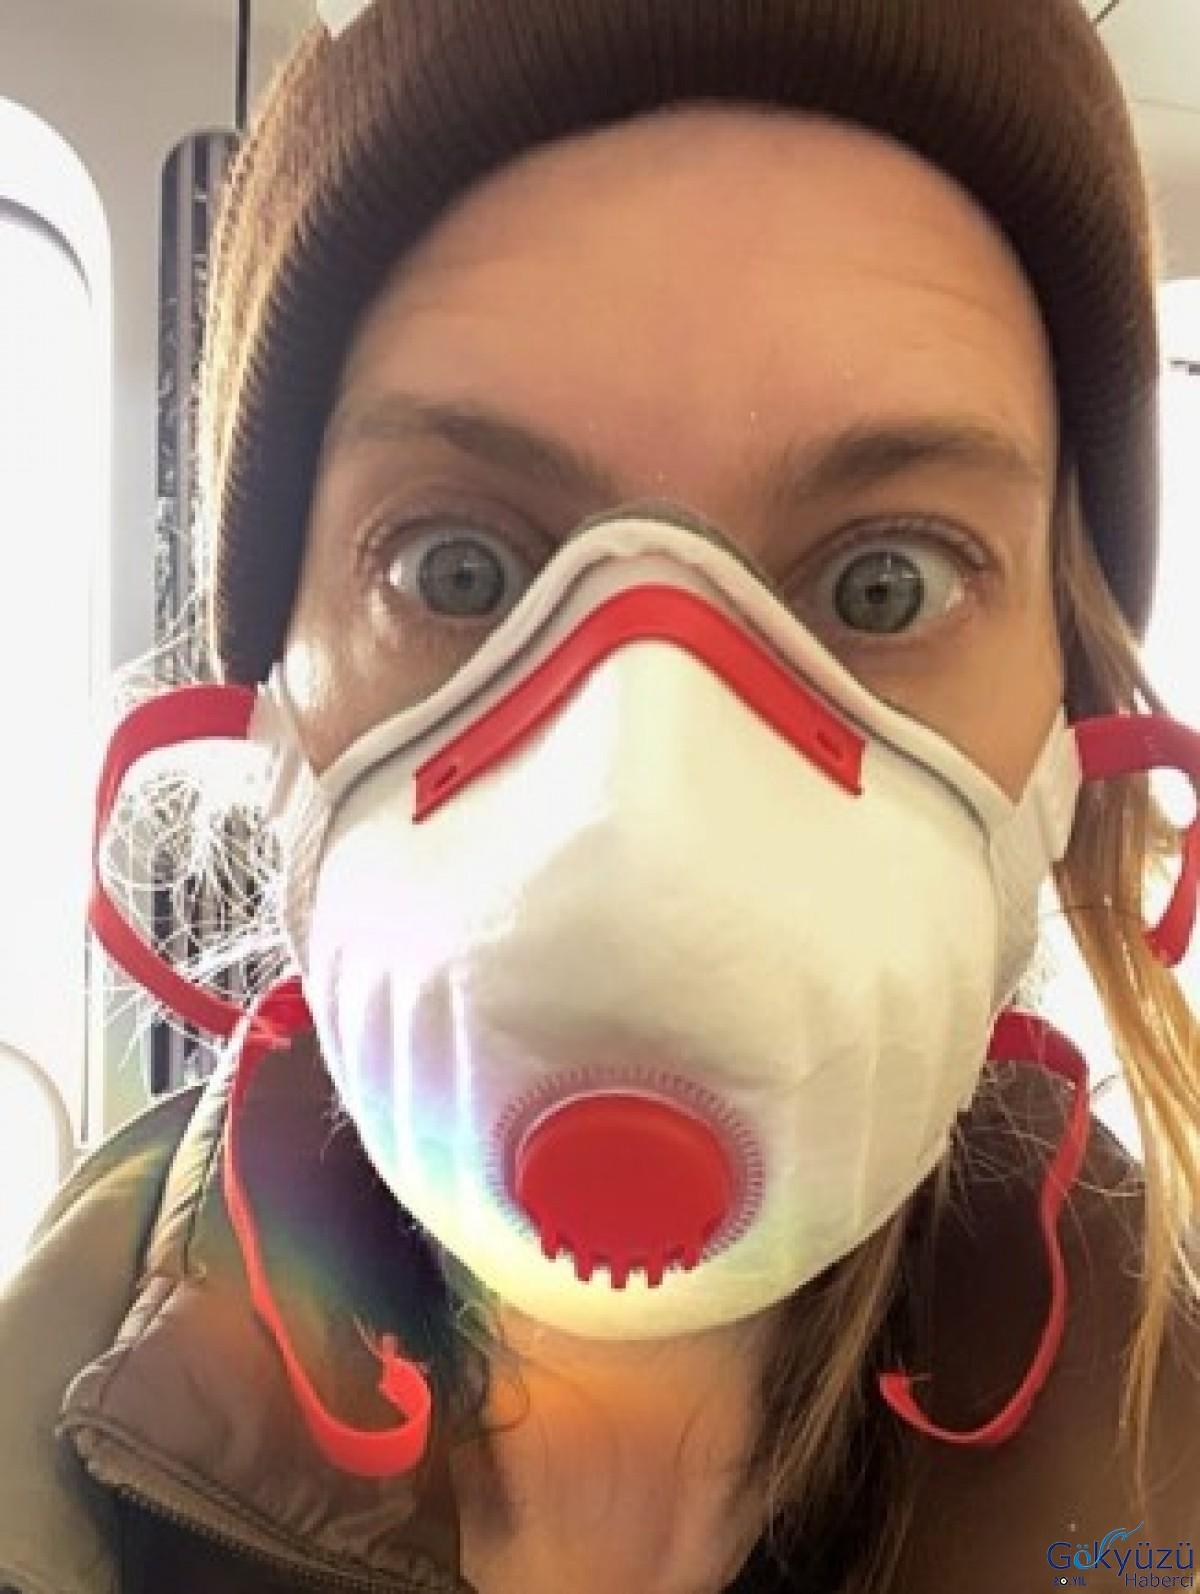 Tuba Ünsal'ın Uçak için bir maske önerdiler